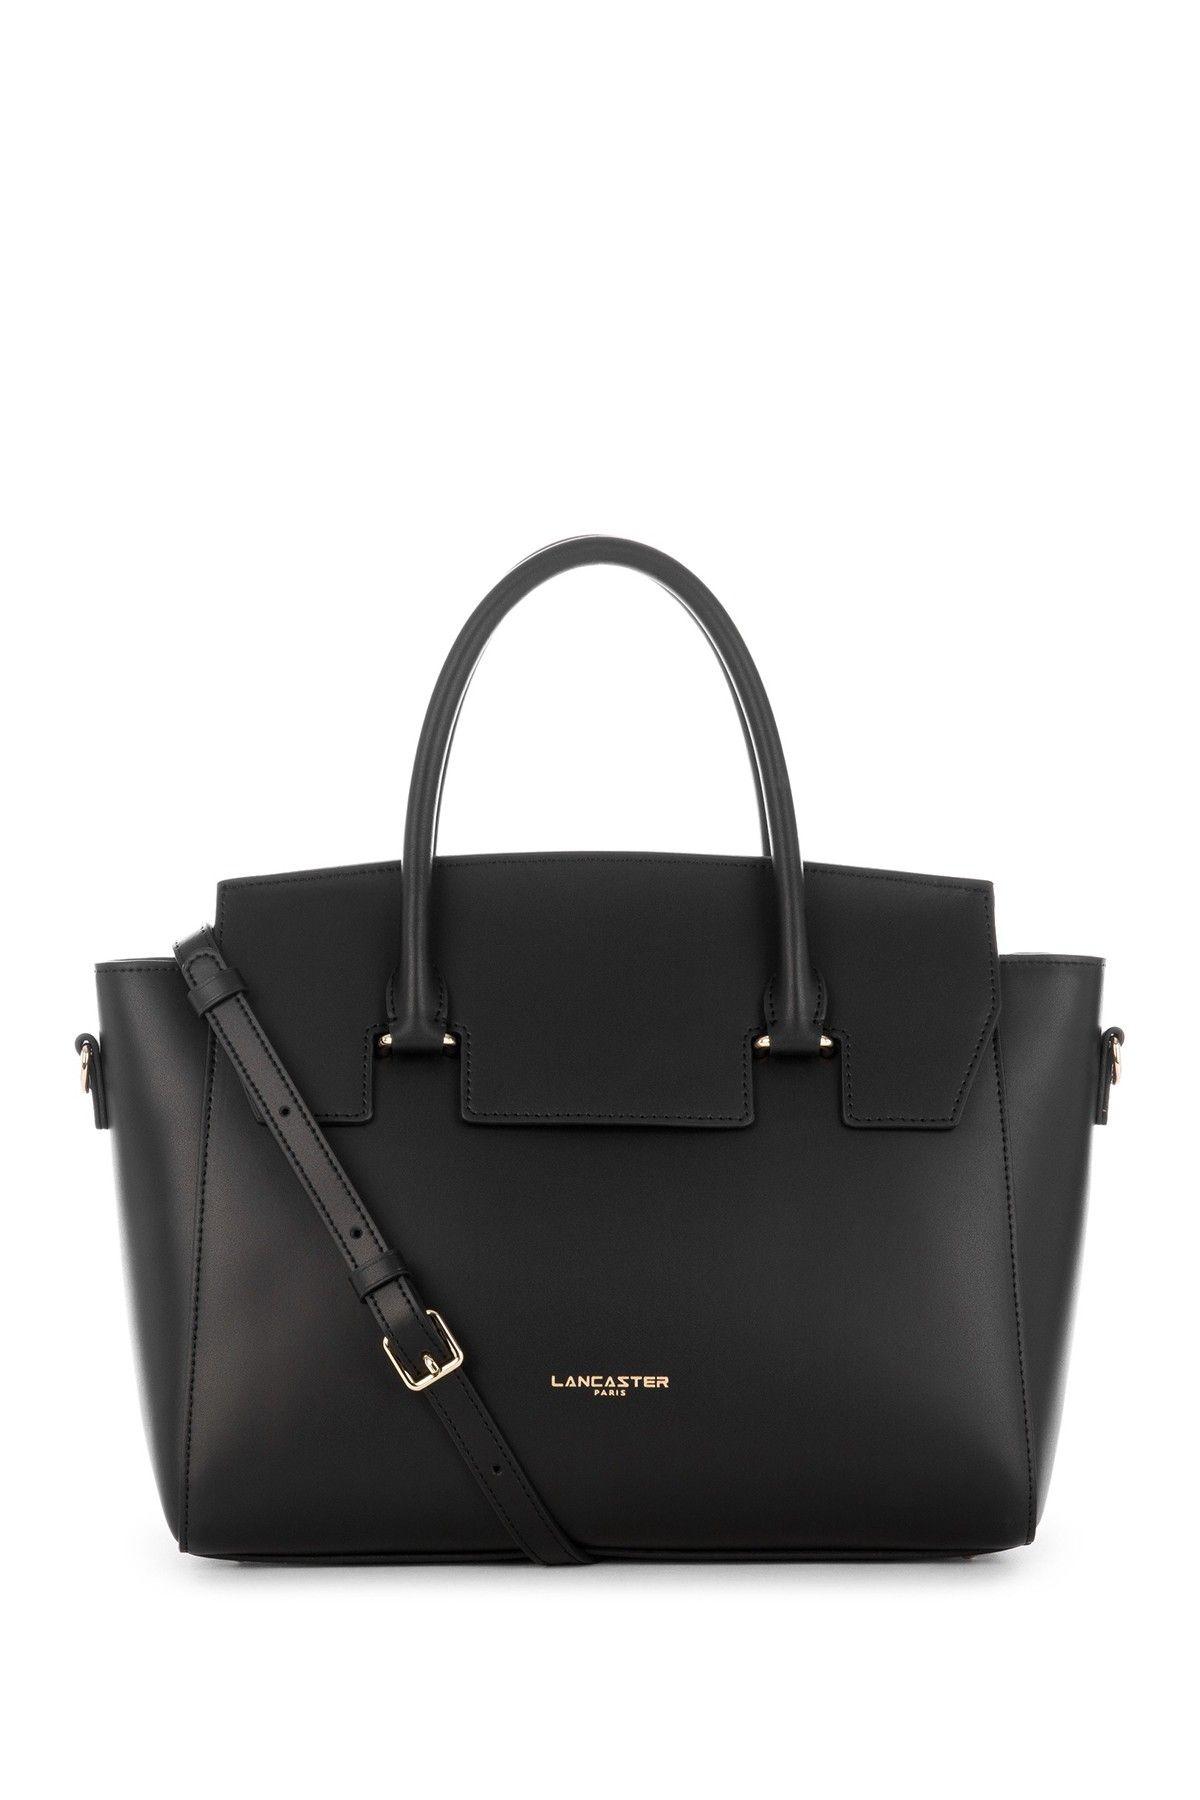 Lancaster Paris Camelia Leather Satchel Leather Satchel Bags Kate Spade Top Handle Bag